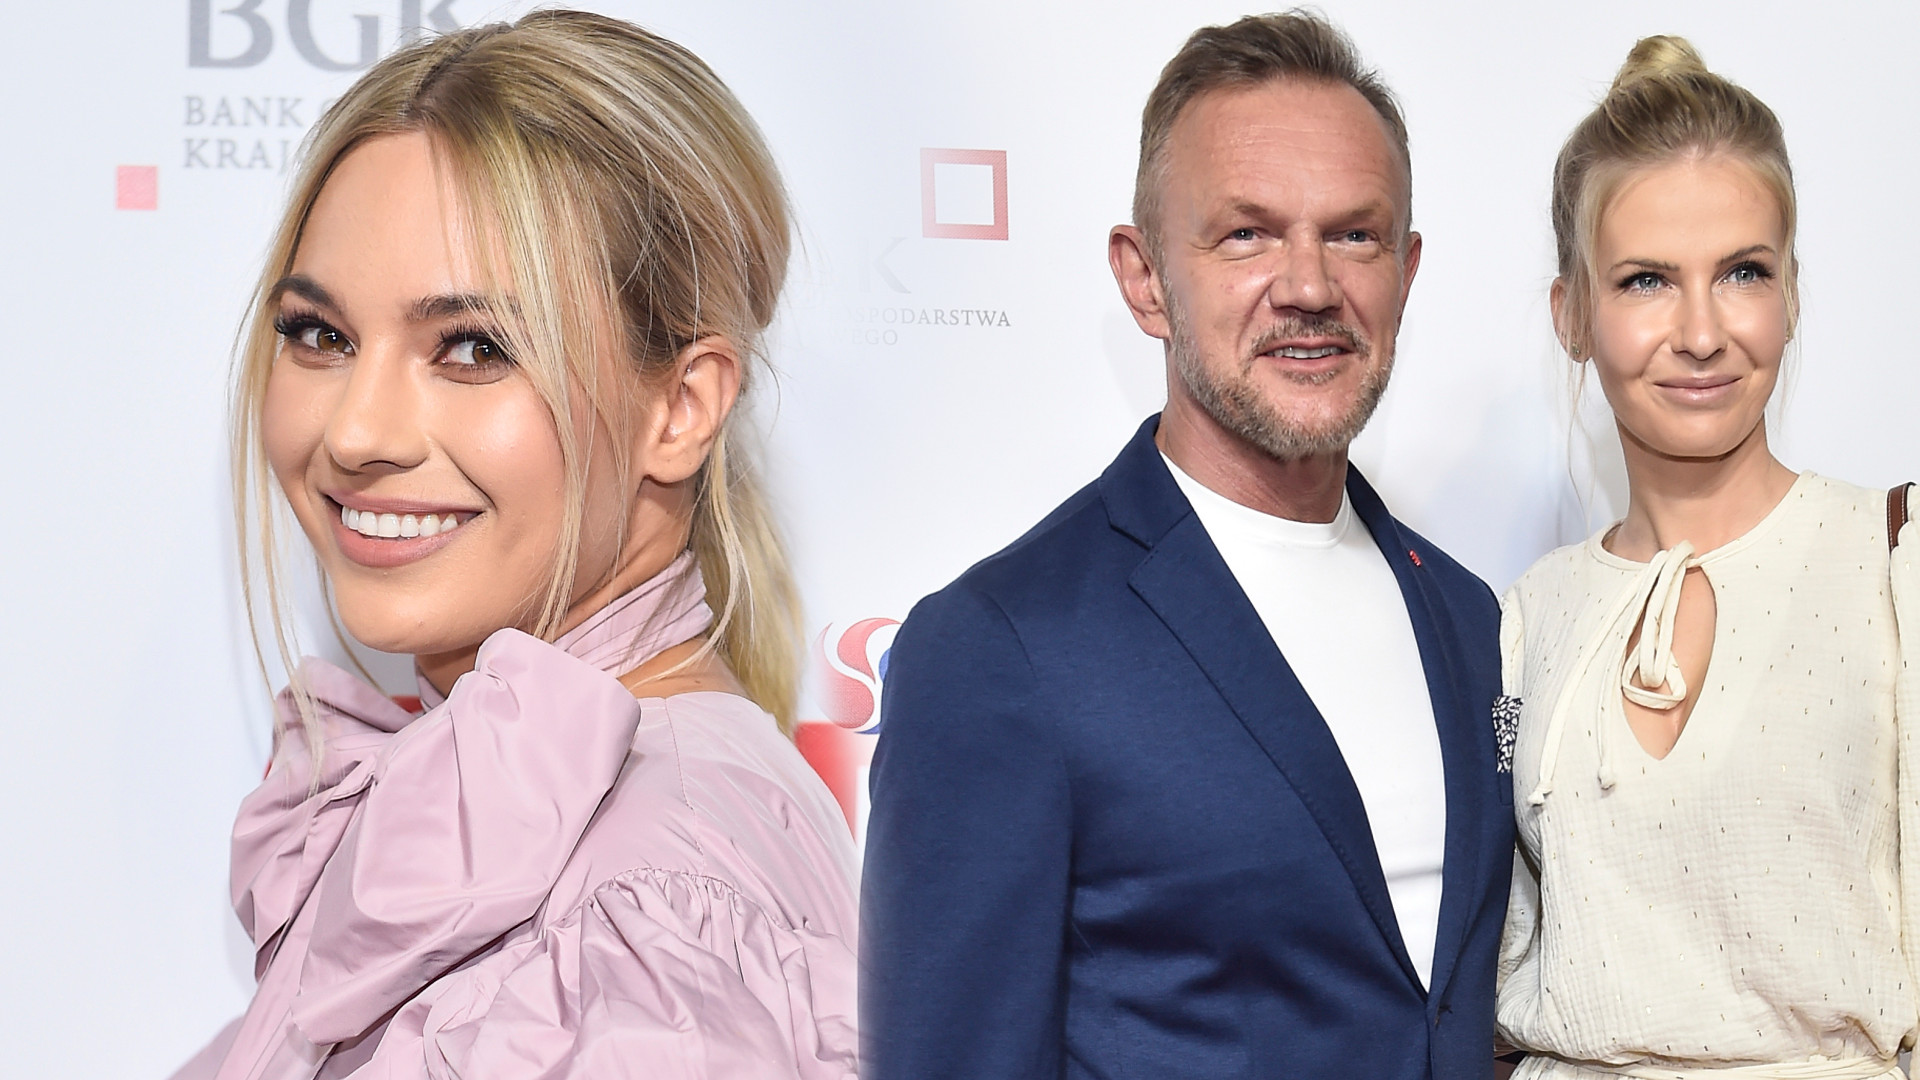 """Gwiazdy wracają na ścianki! Joanna Kuberska, Pazurowie i inni na premierze filmu """"Druga połowa"""" (ZDJĘCIA)"""